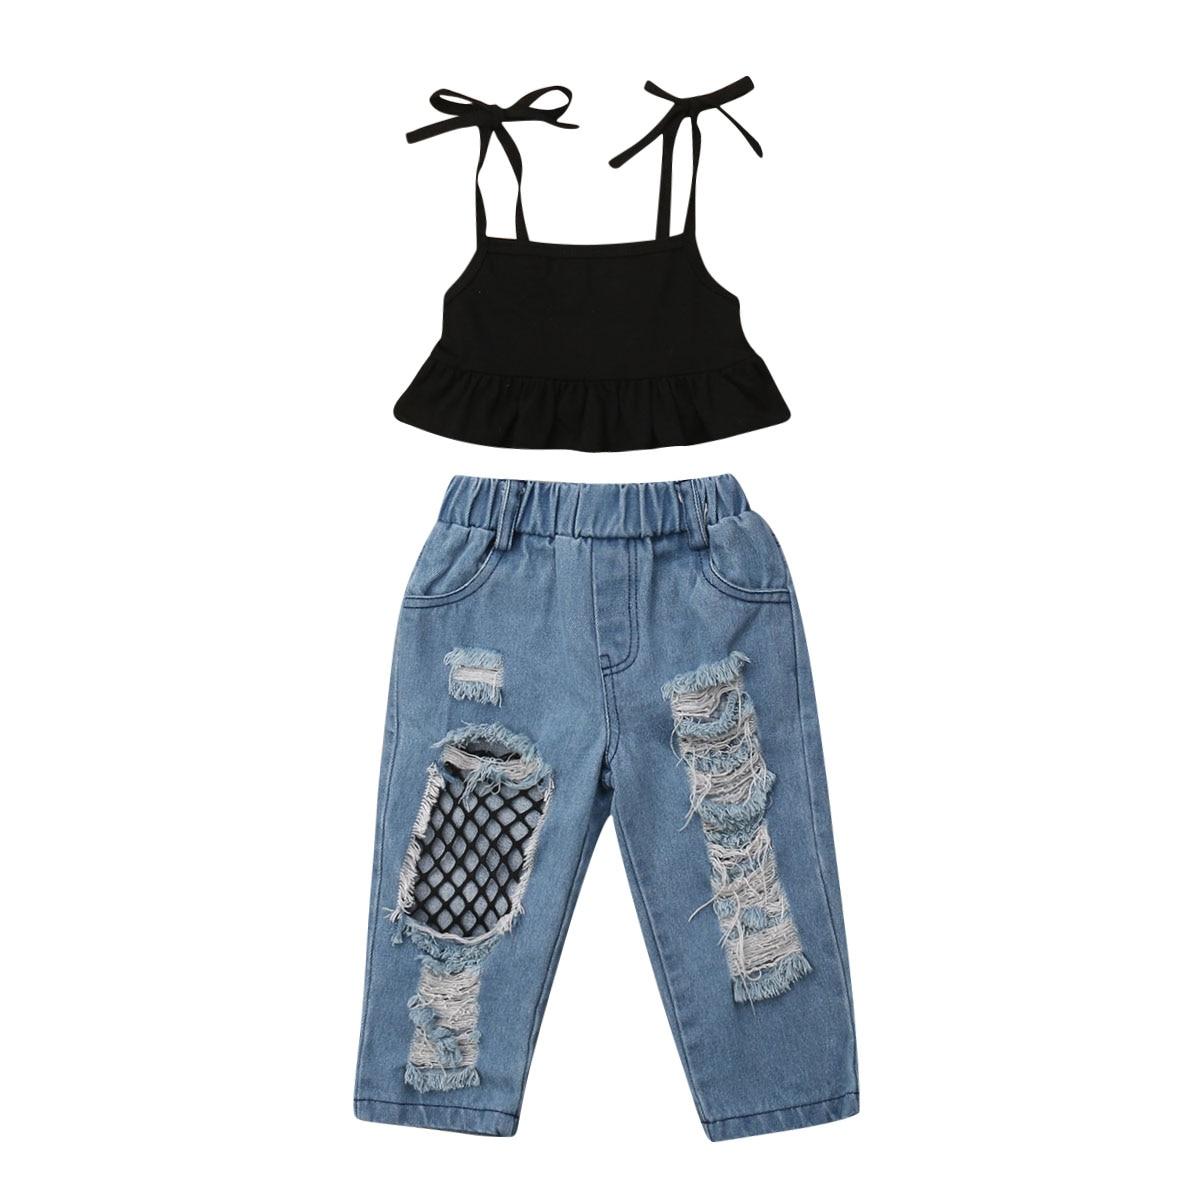 Verano niño bebé niños niñas ropa conjunto chaleco sin mangas Tops + arrancó red Jeans pantalones trajes